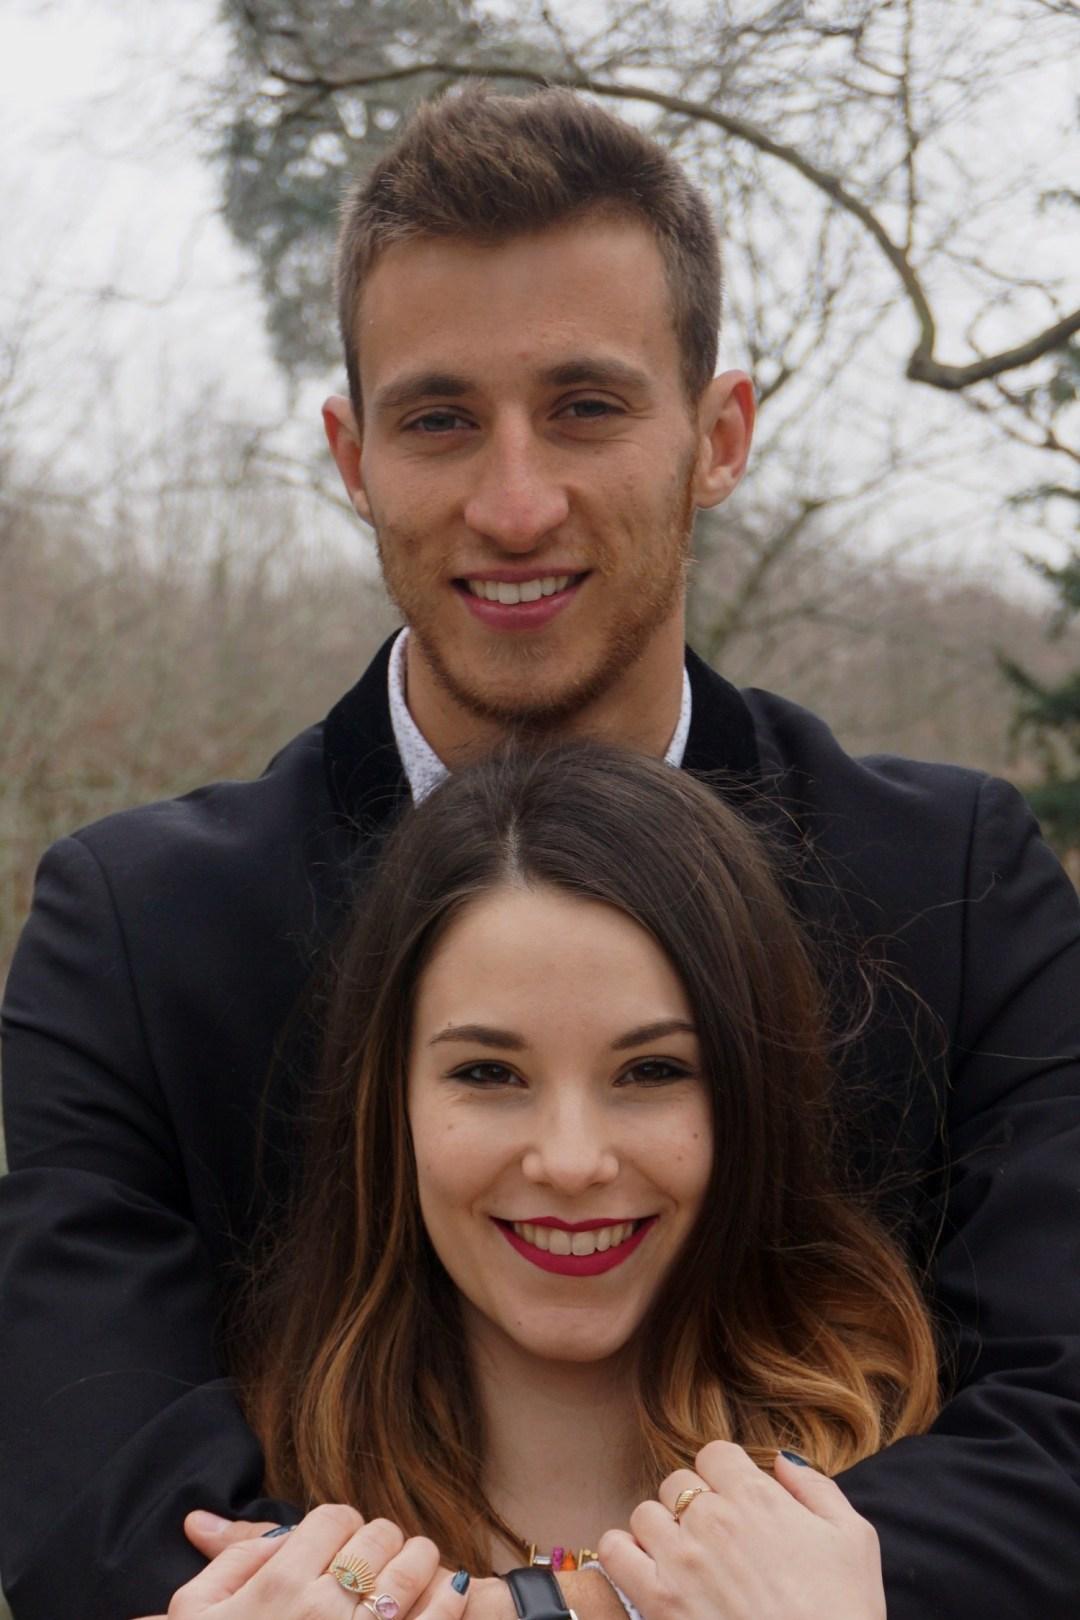 LOOK DE COUPLE POUR LA SAINT VALENTIN PARC MAJOLAN EYSINES BLOG BORDEAUX MODE CORSE 22